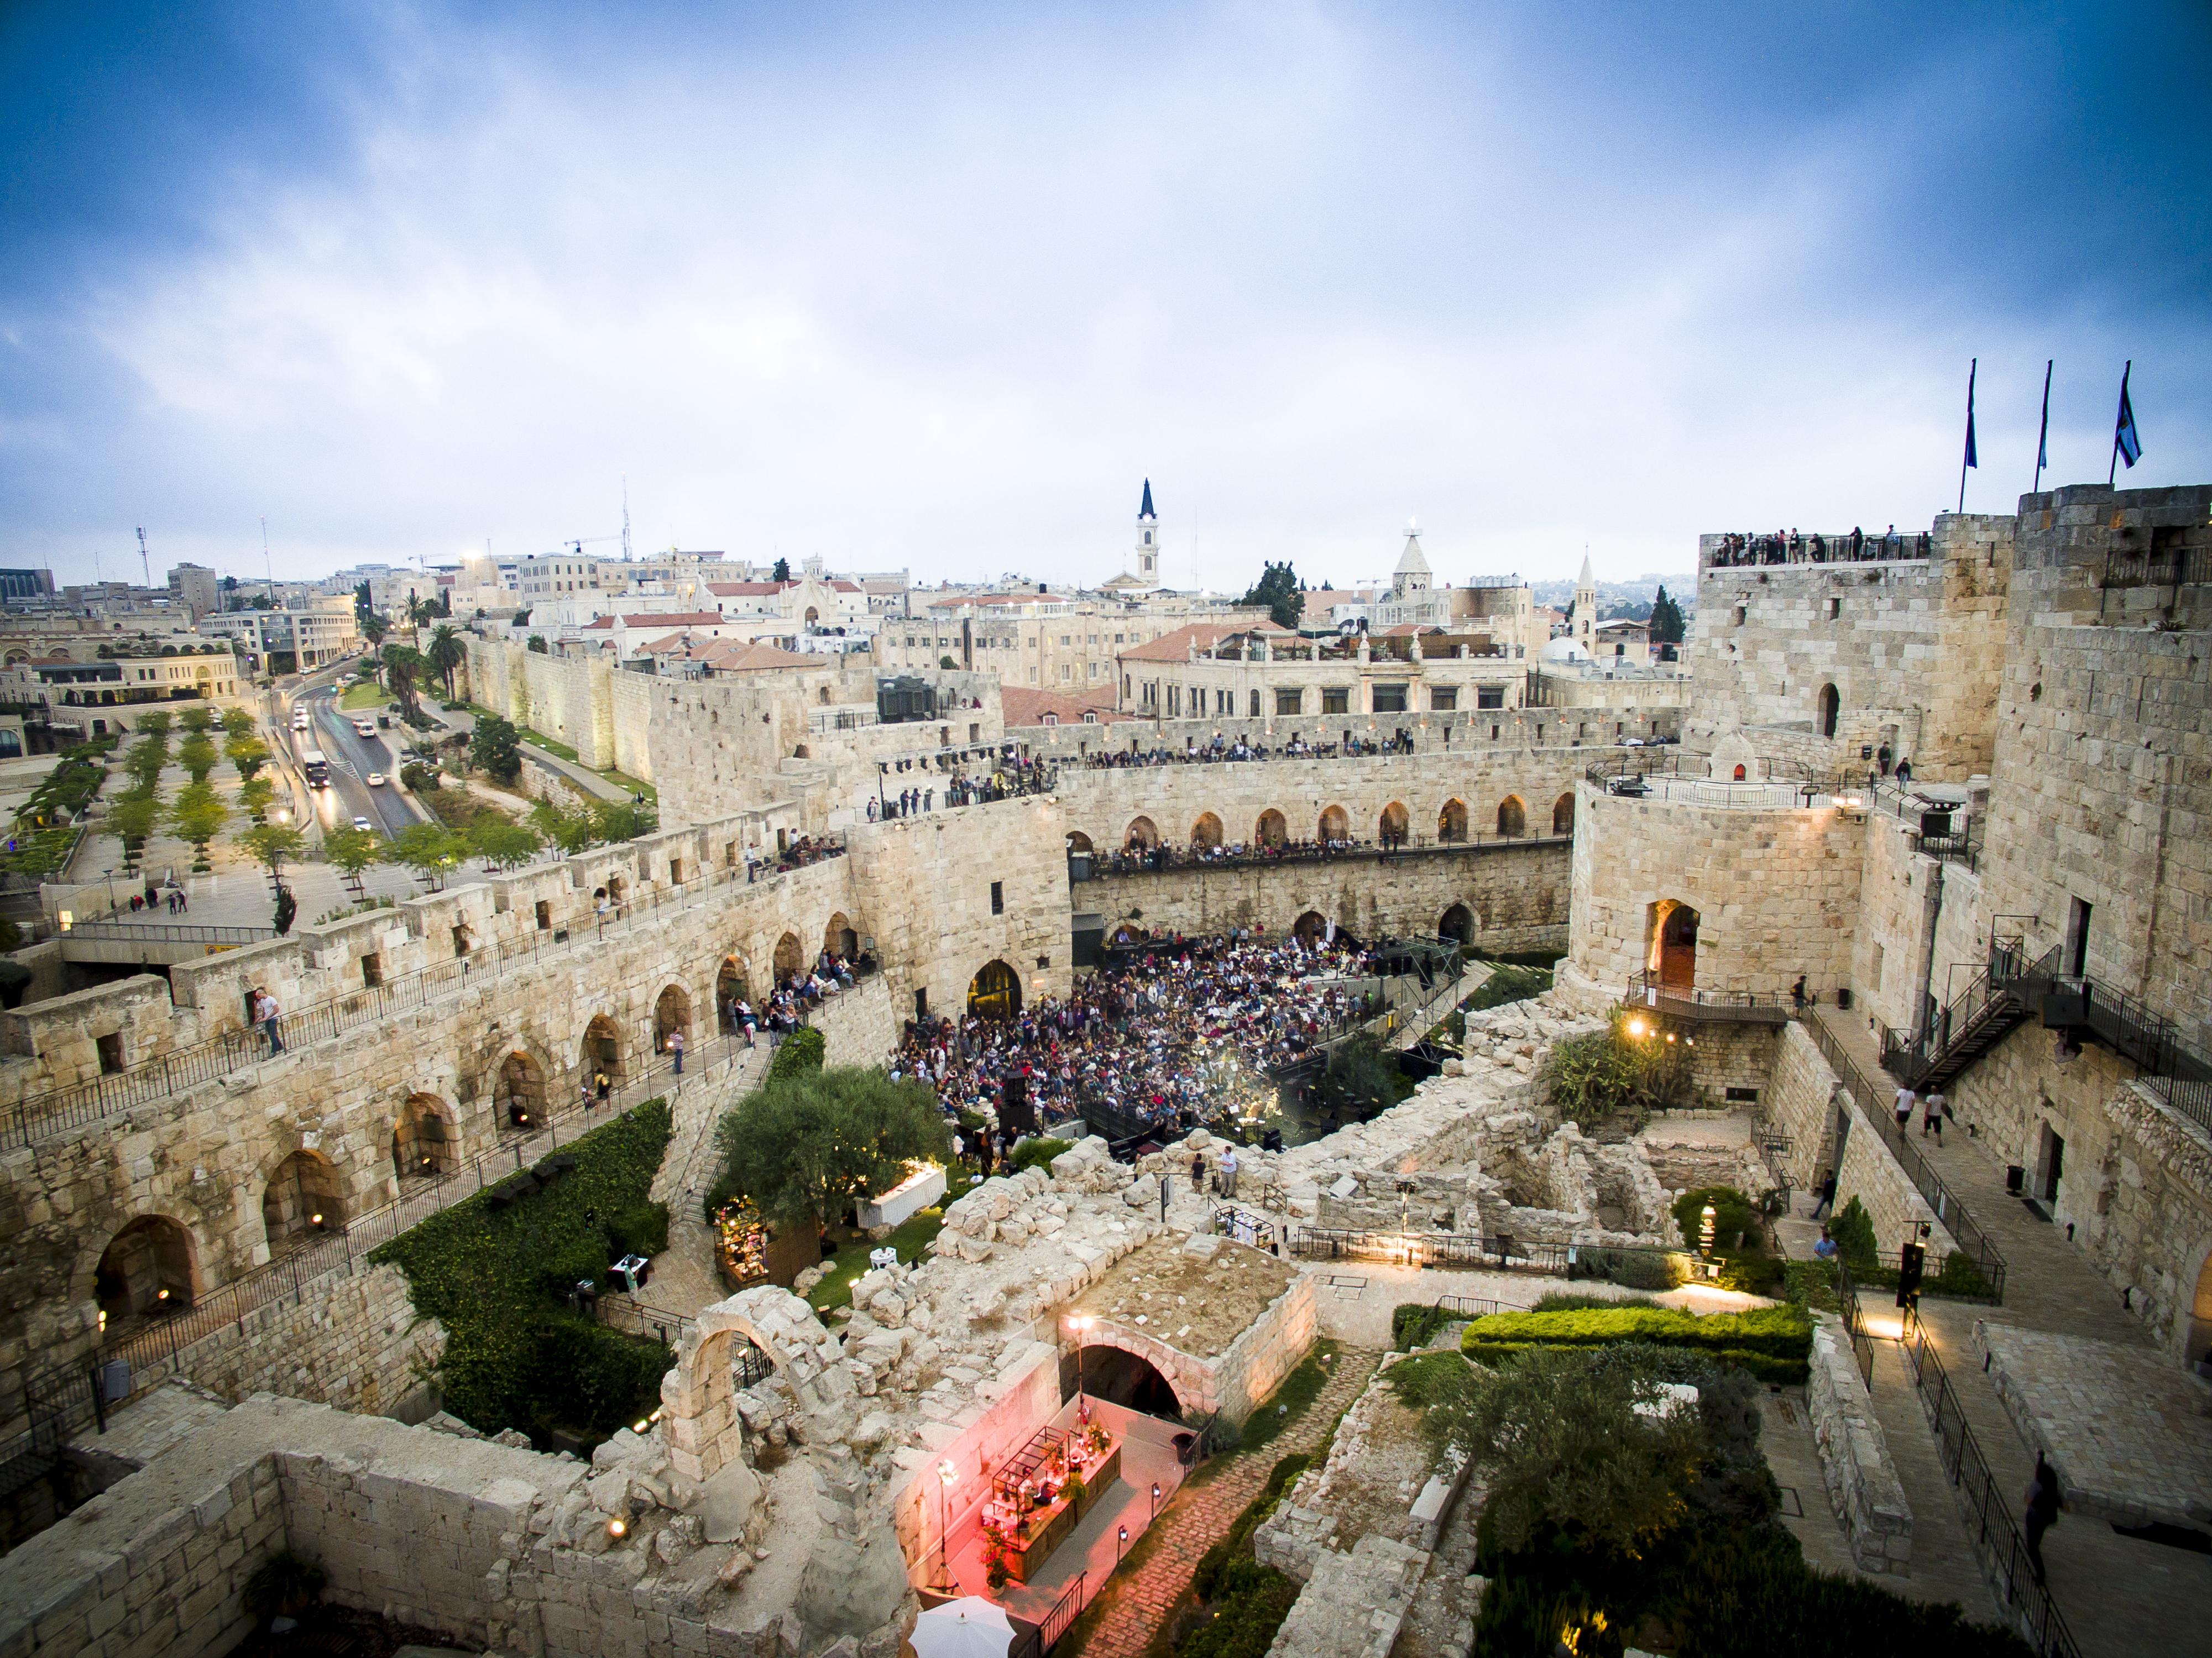 פסטיבל מקודשת מגדל דוד